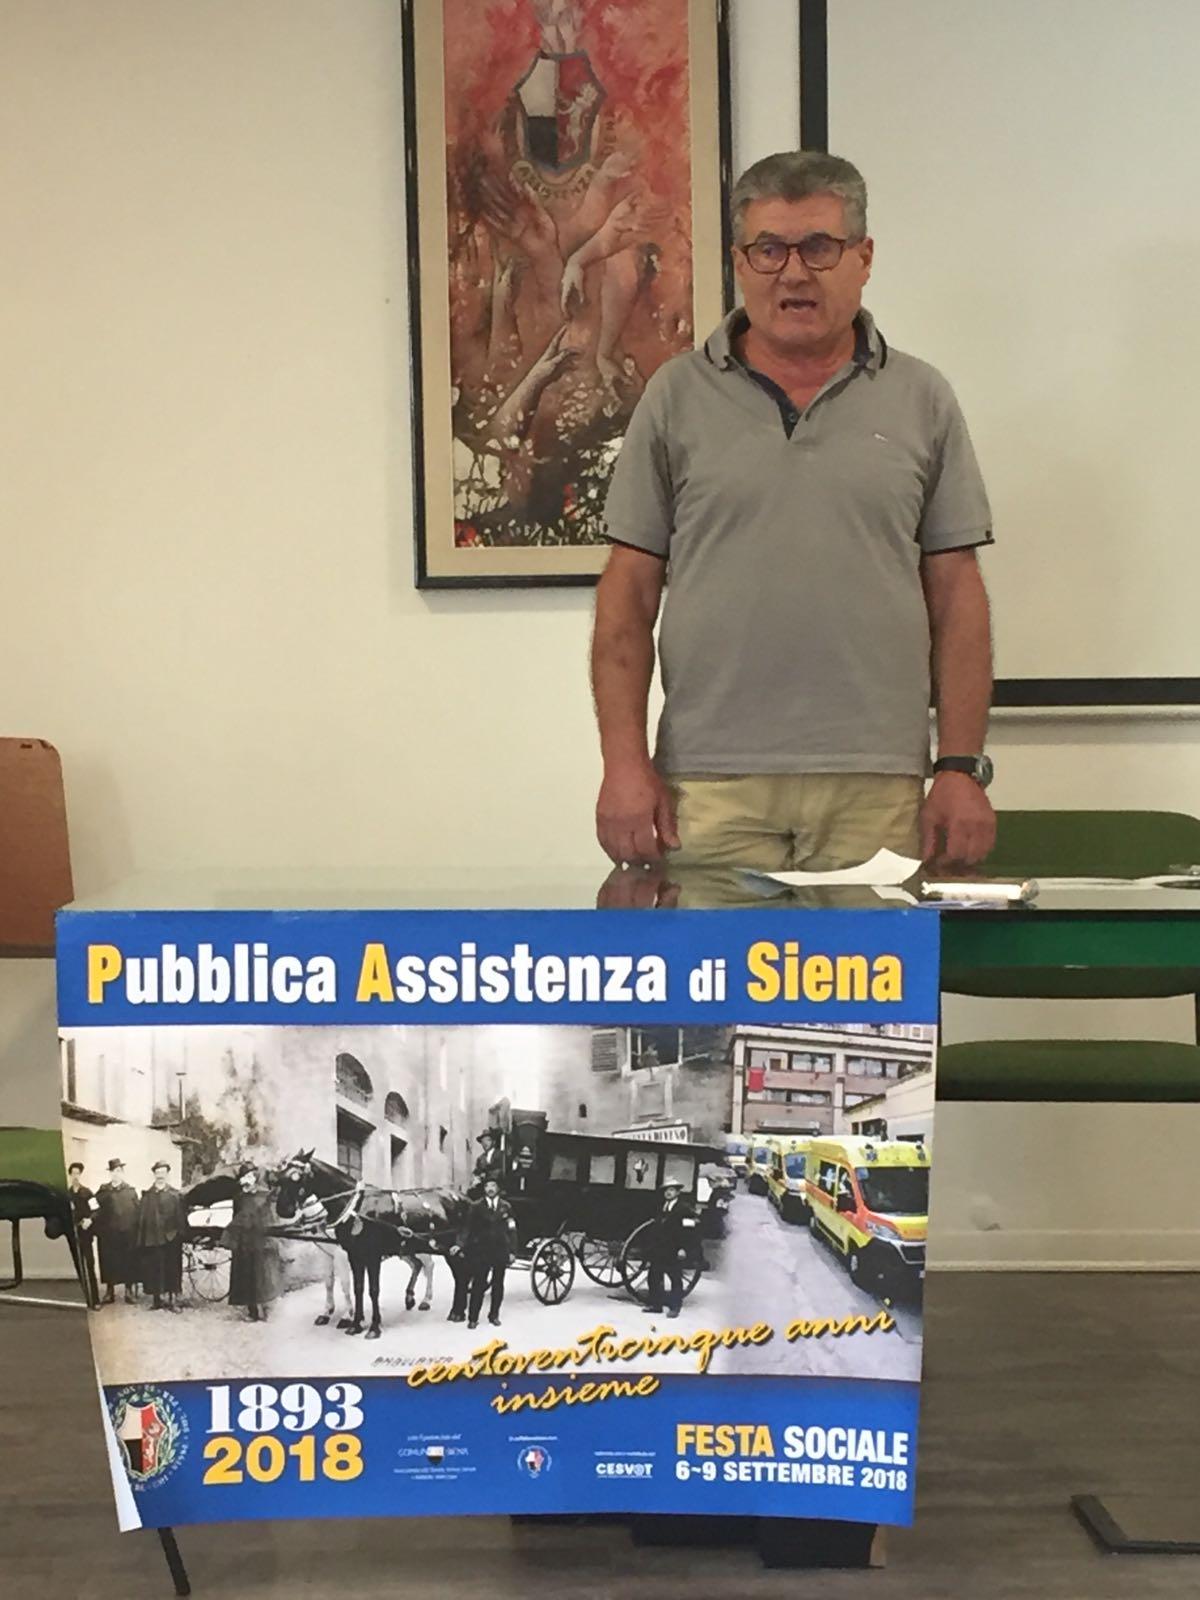 Presentata la festa per i 125 anni della Pubblica Assistenza di Siena